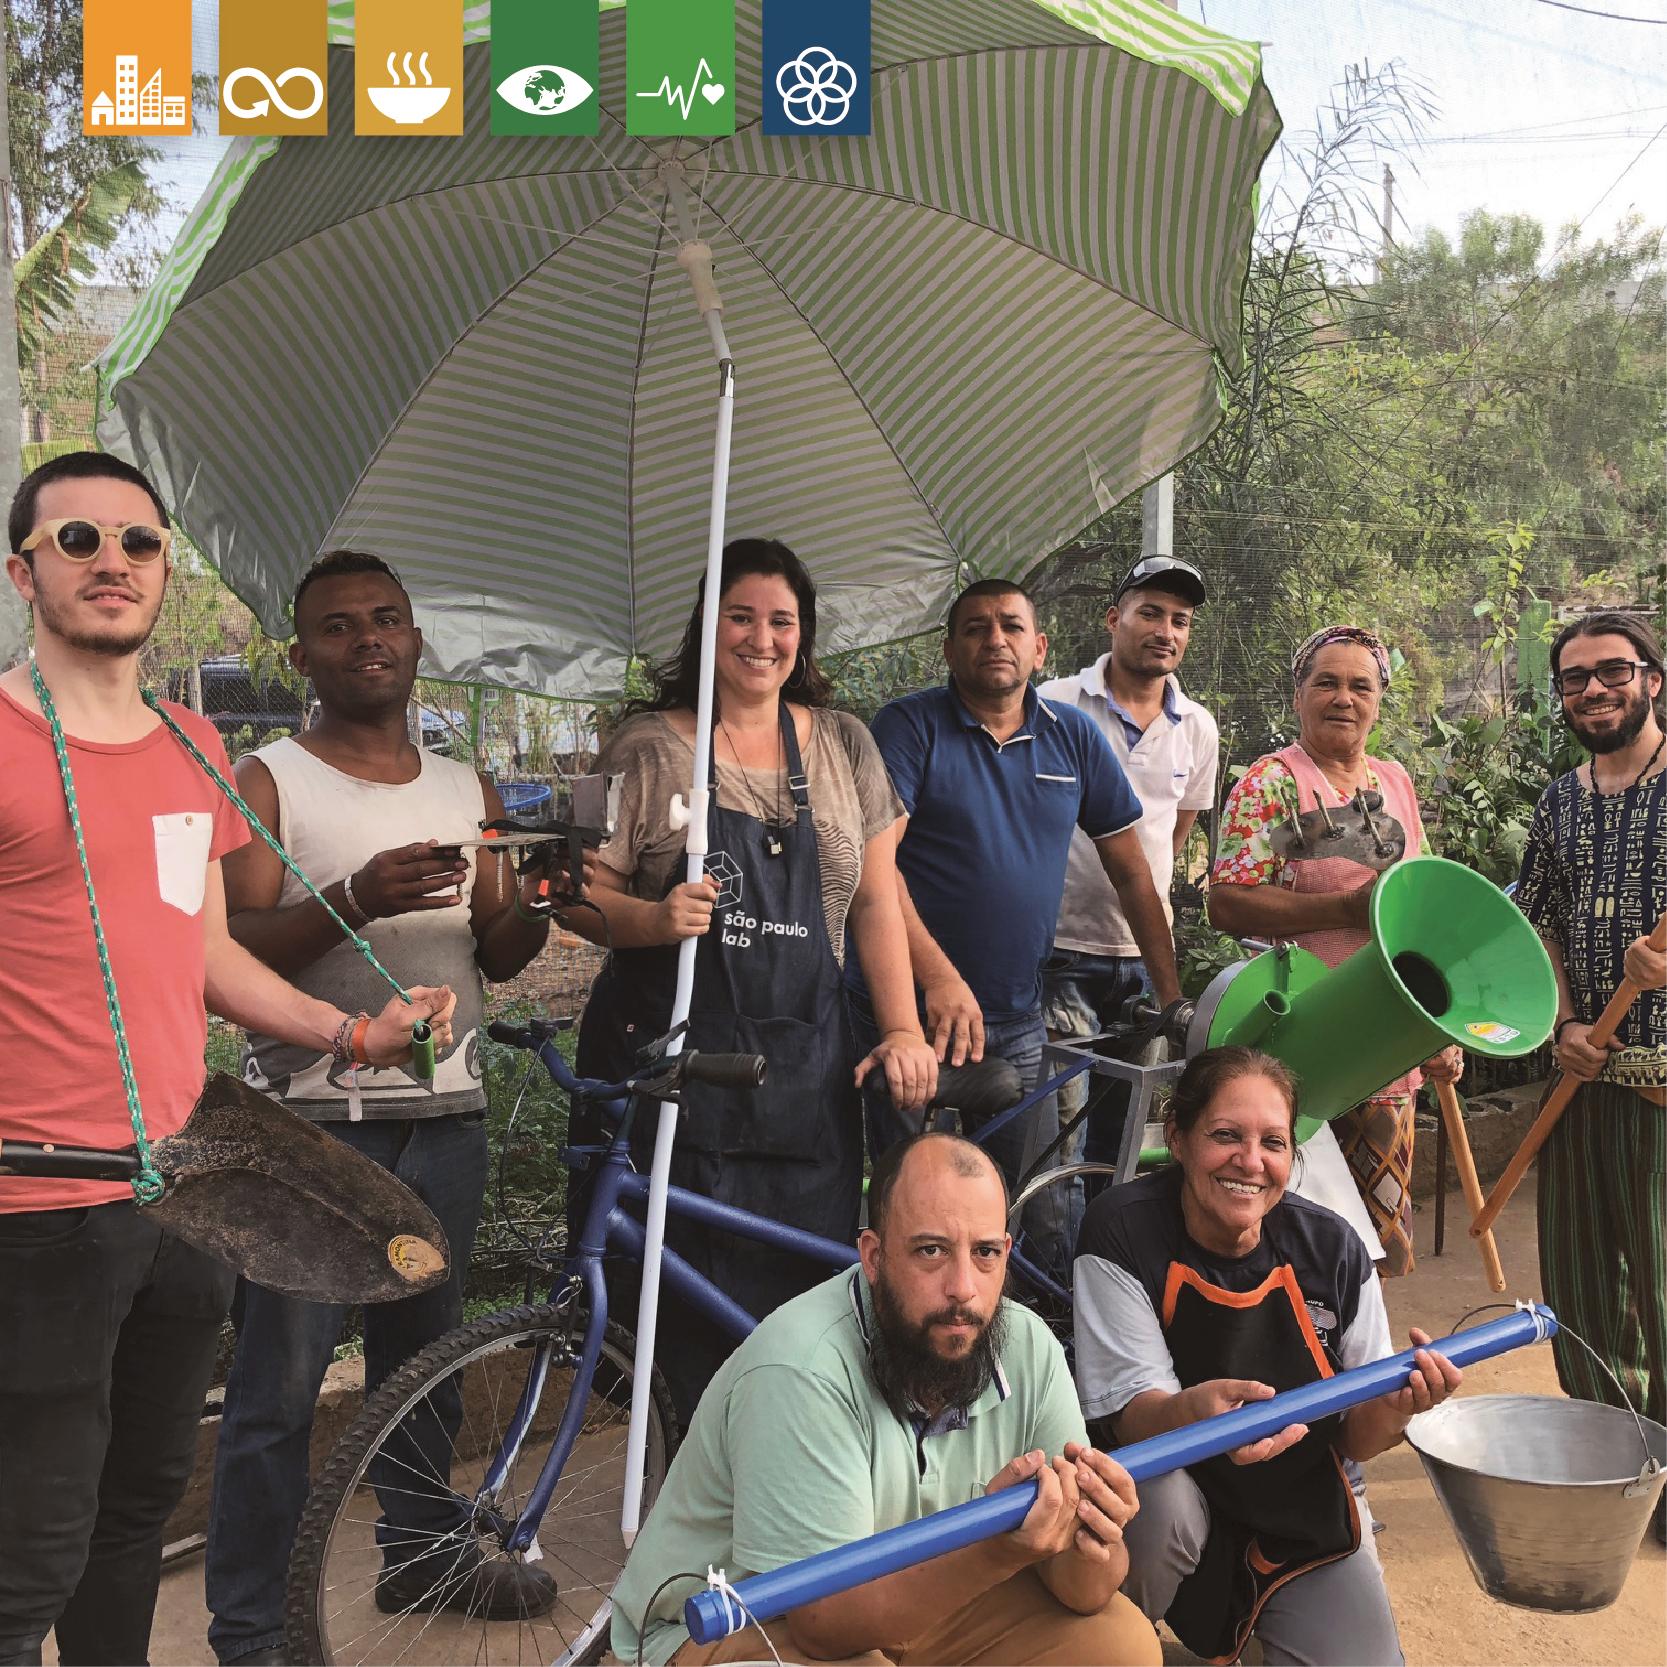 maratona agro-gym - Como estimular os vizinhos a se envolverem na horta comunitária através de atividades físicas?